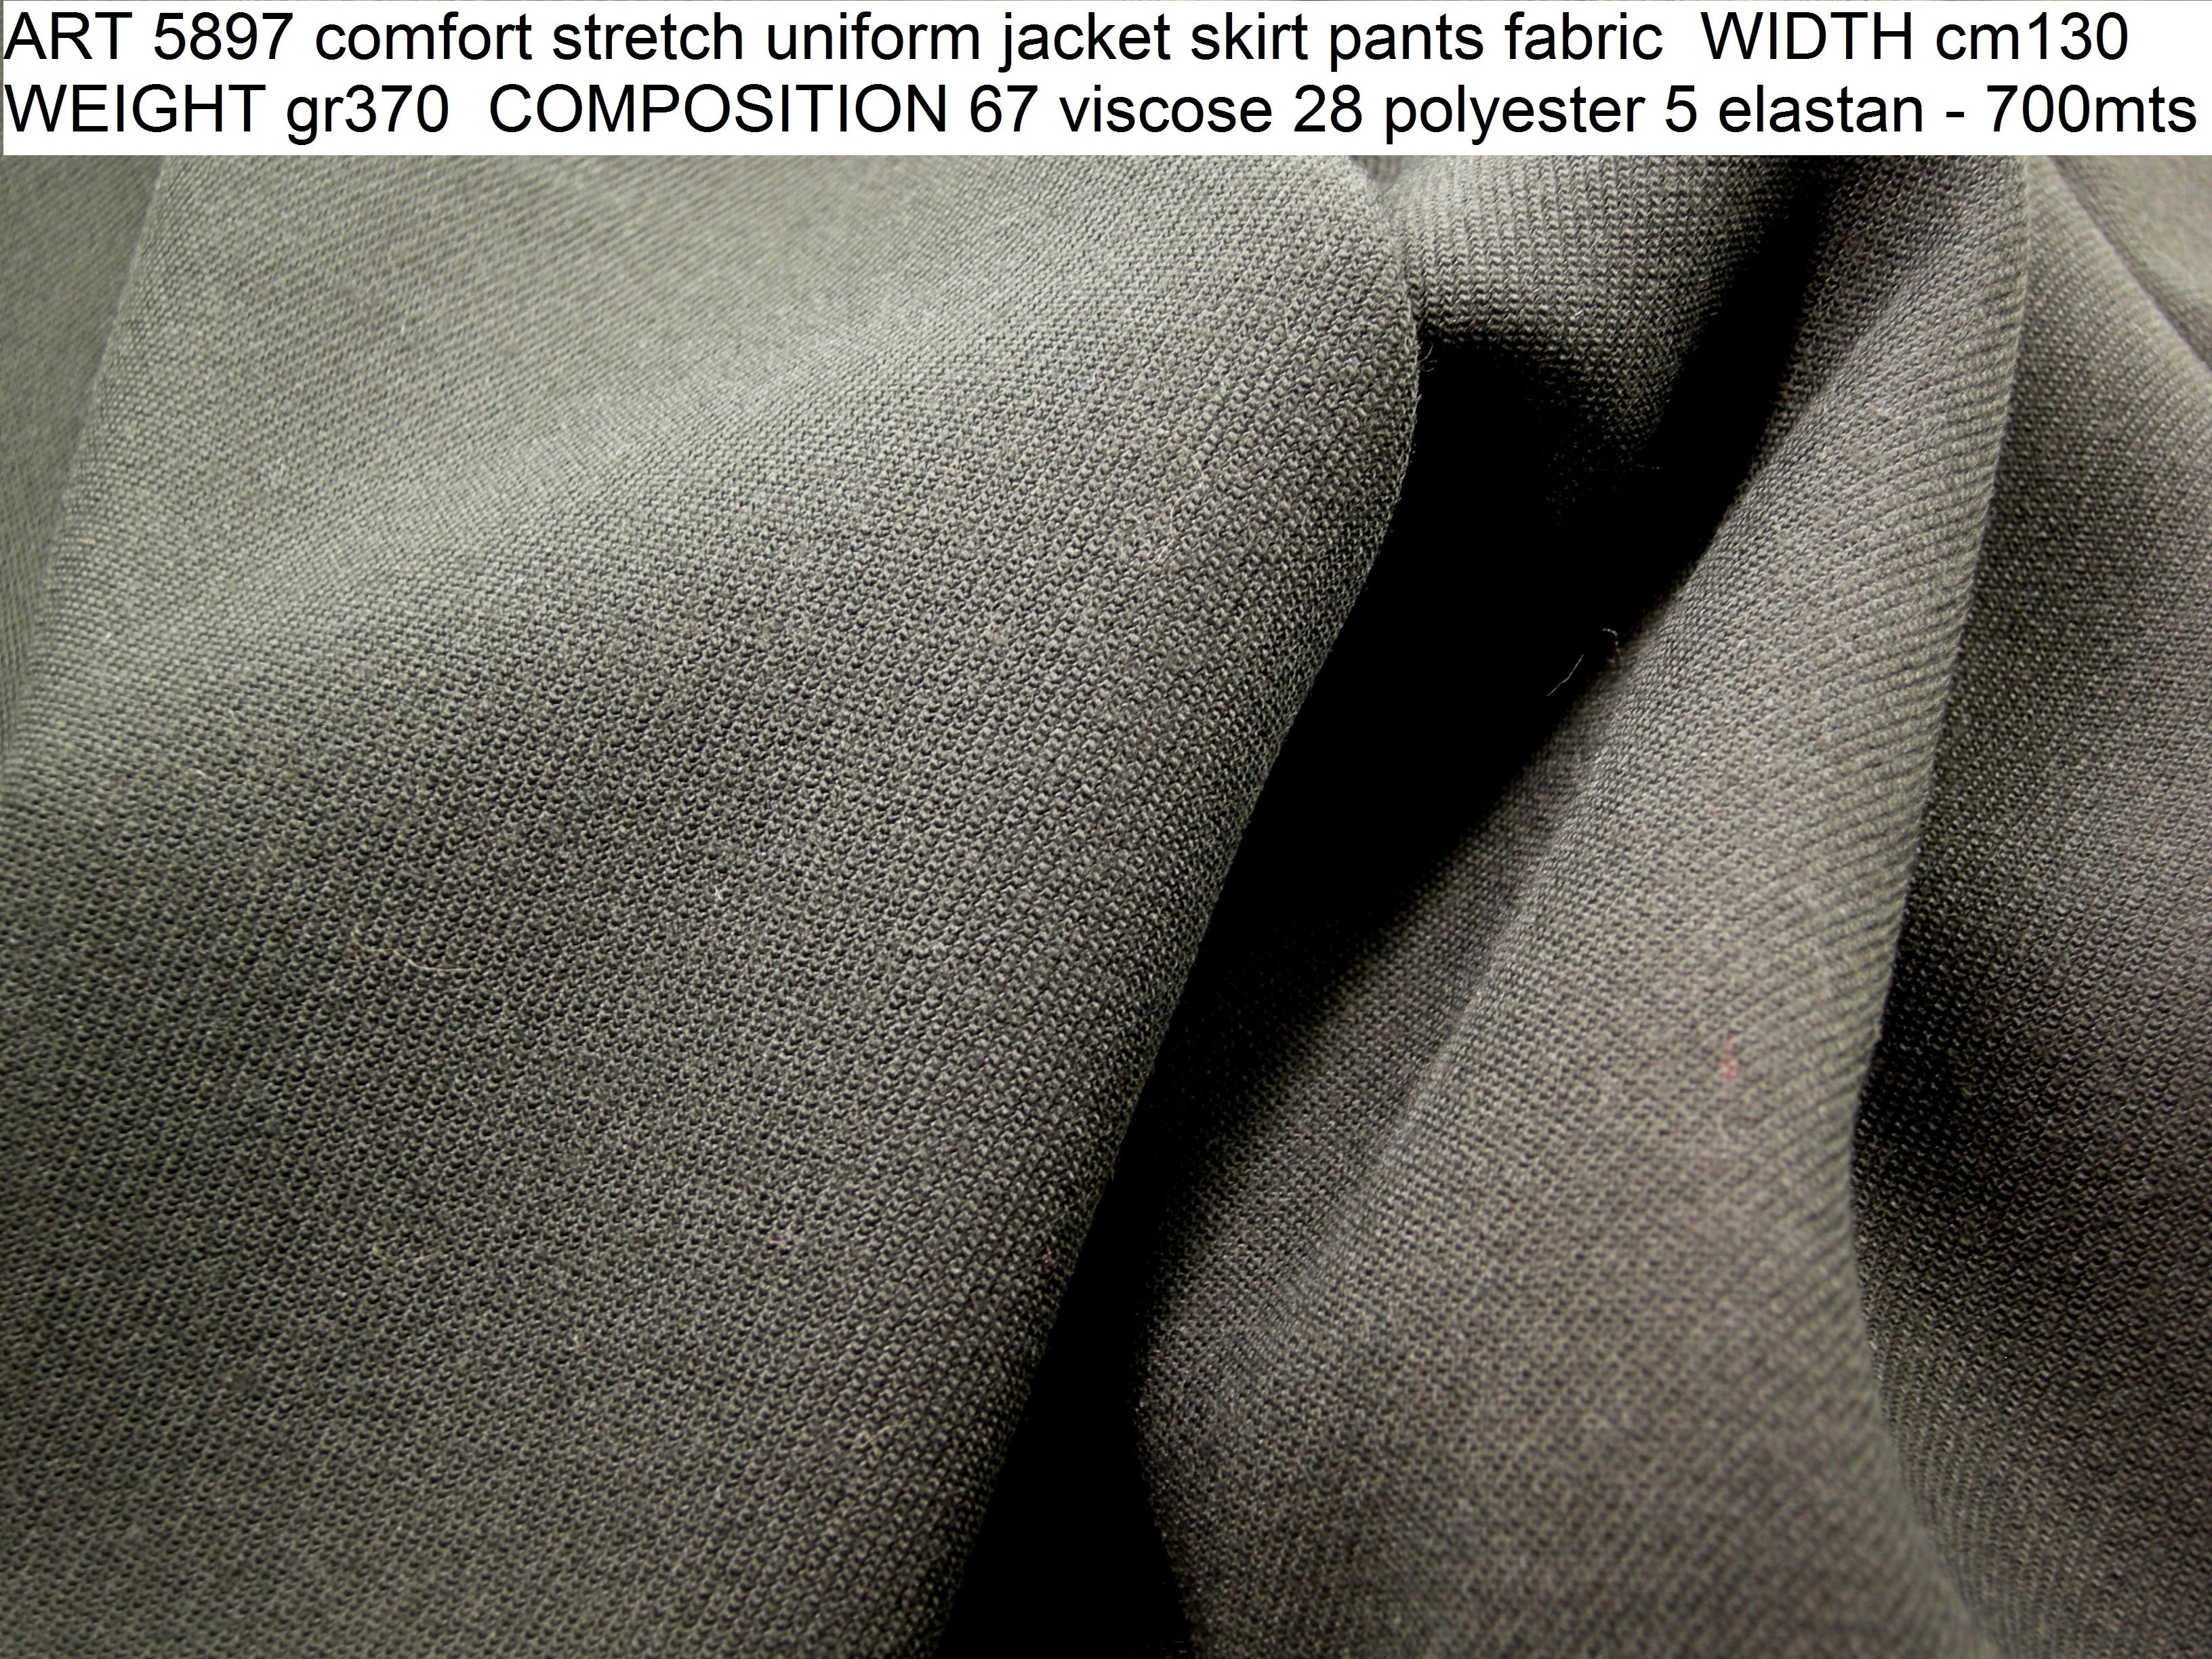 ART 5897 comfort stretch uniform jacket skirt pants fabric WIDTH cm130 WEIGHT gr370 COMPOSITION 67 viscose 28 polyester 5 elastan - 700mts